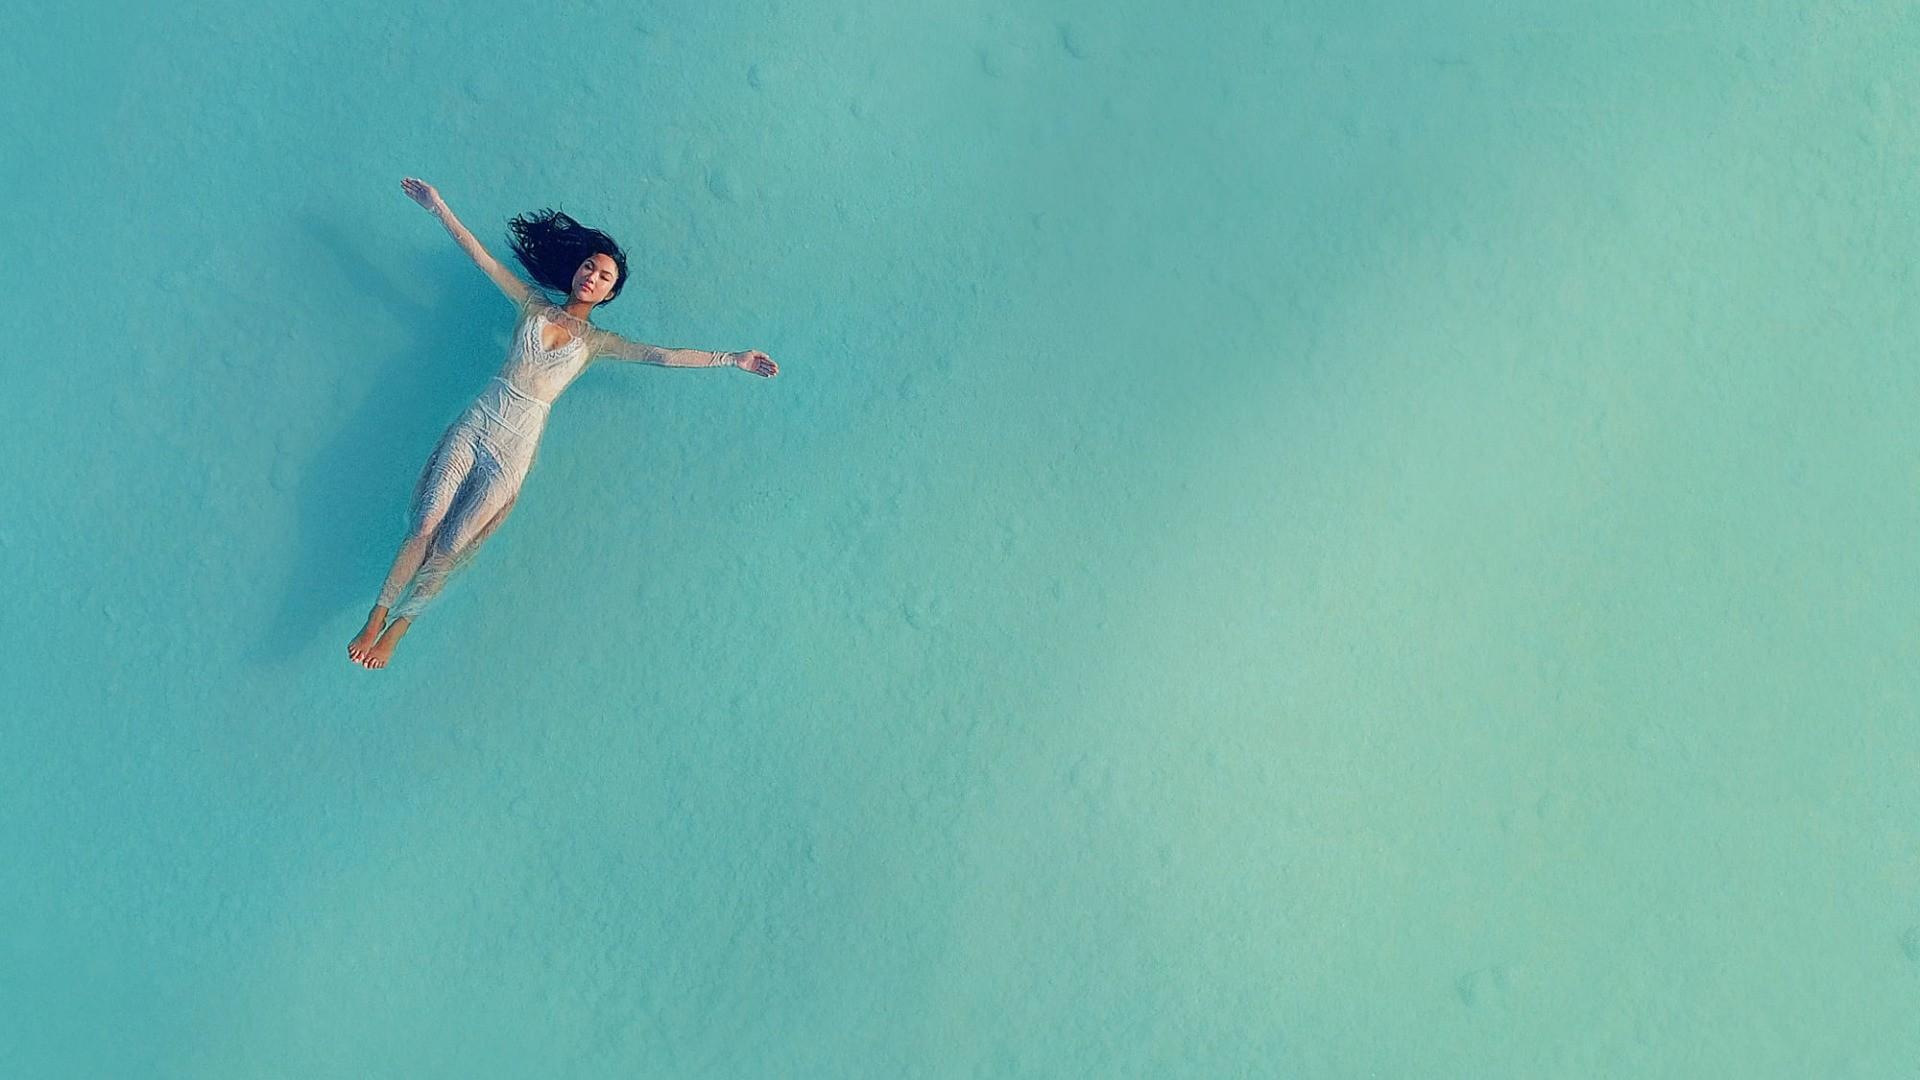 Water Minimalist wallpaper photo hd